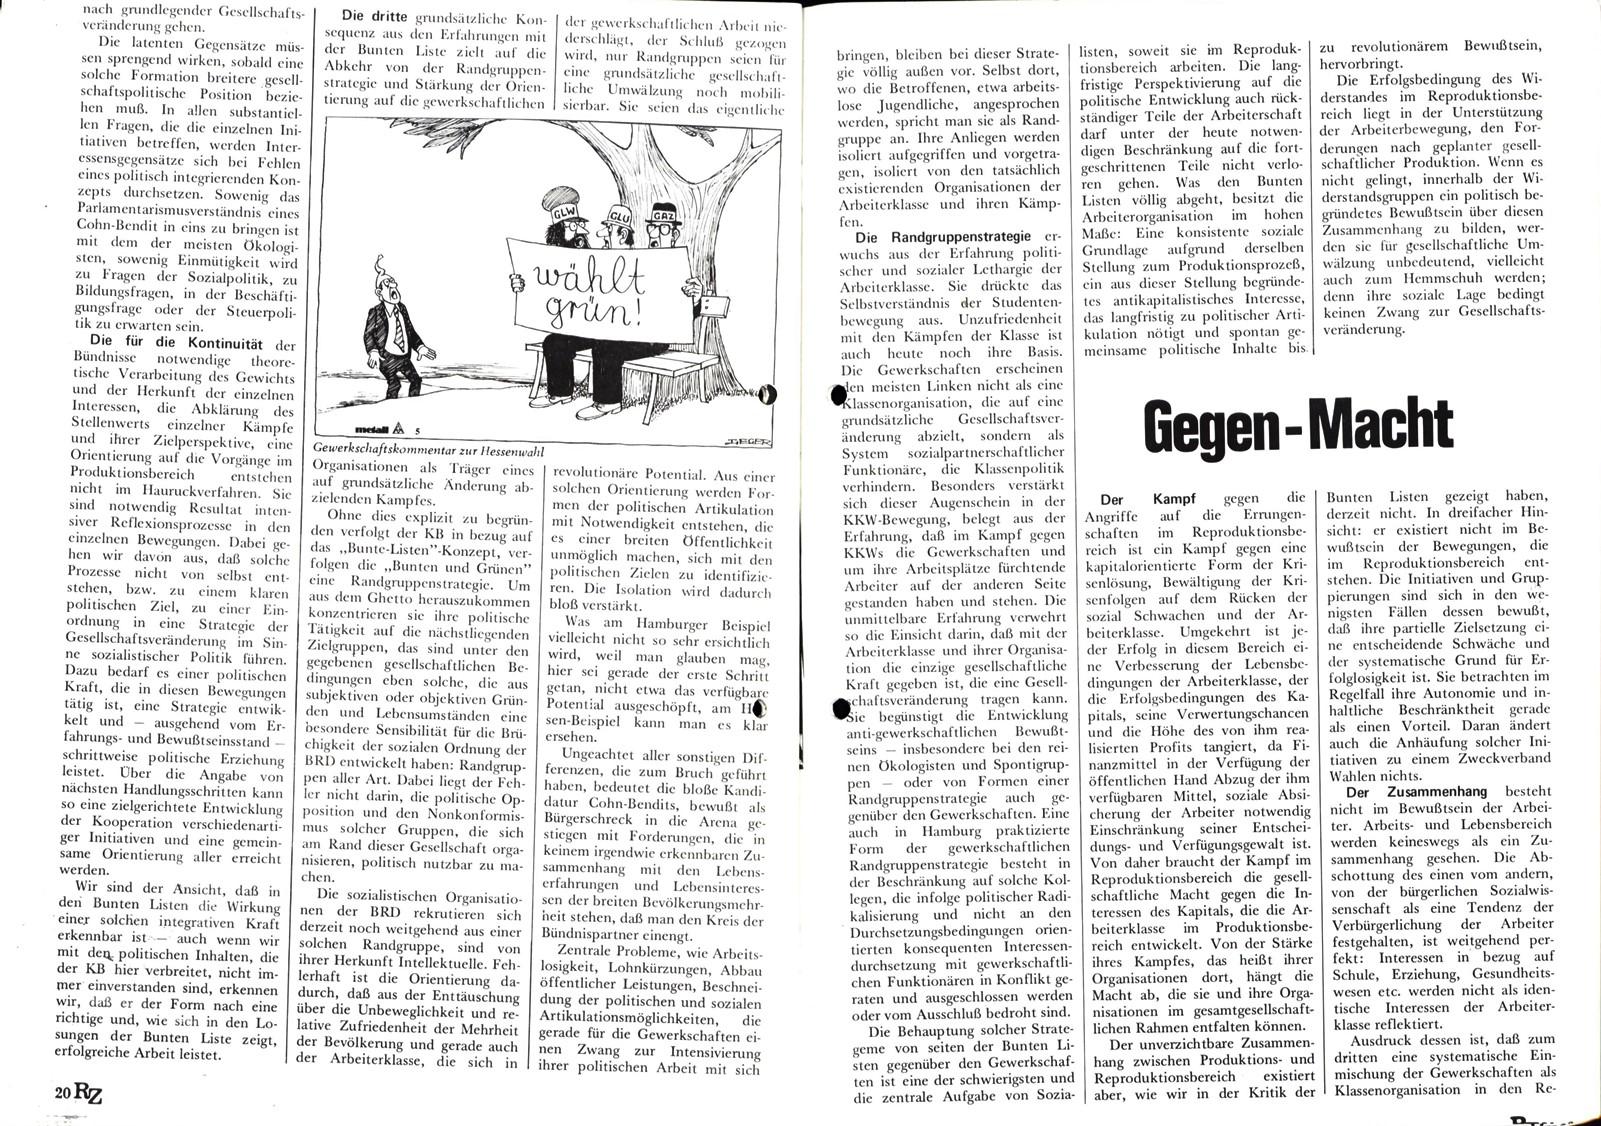 Bonn_RZ_17_19780900_11